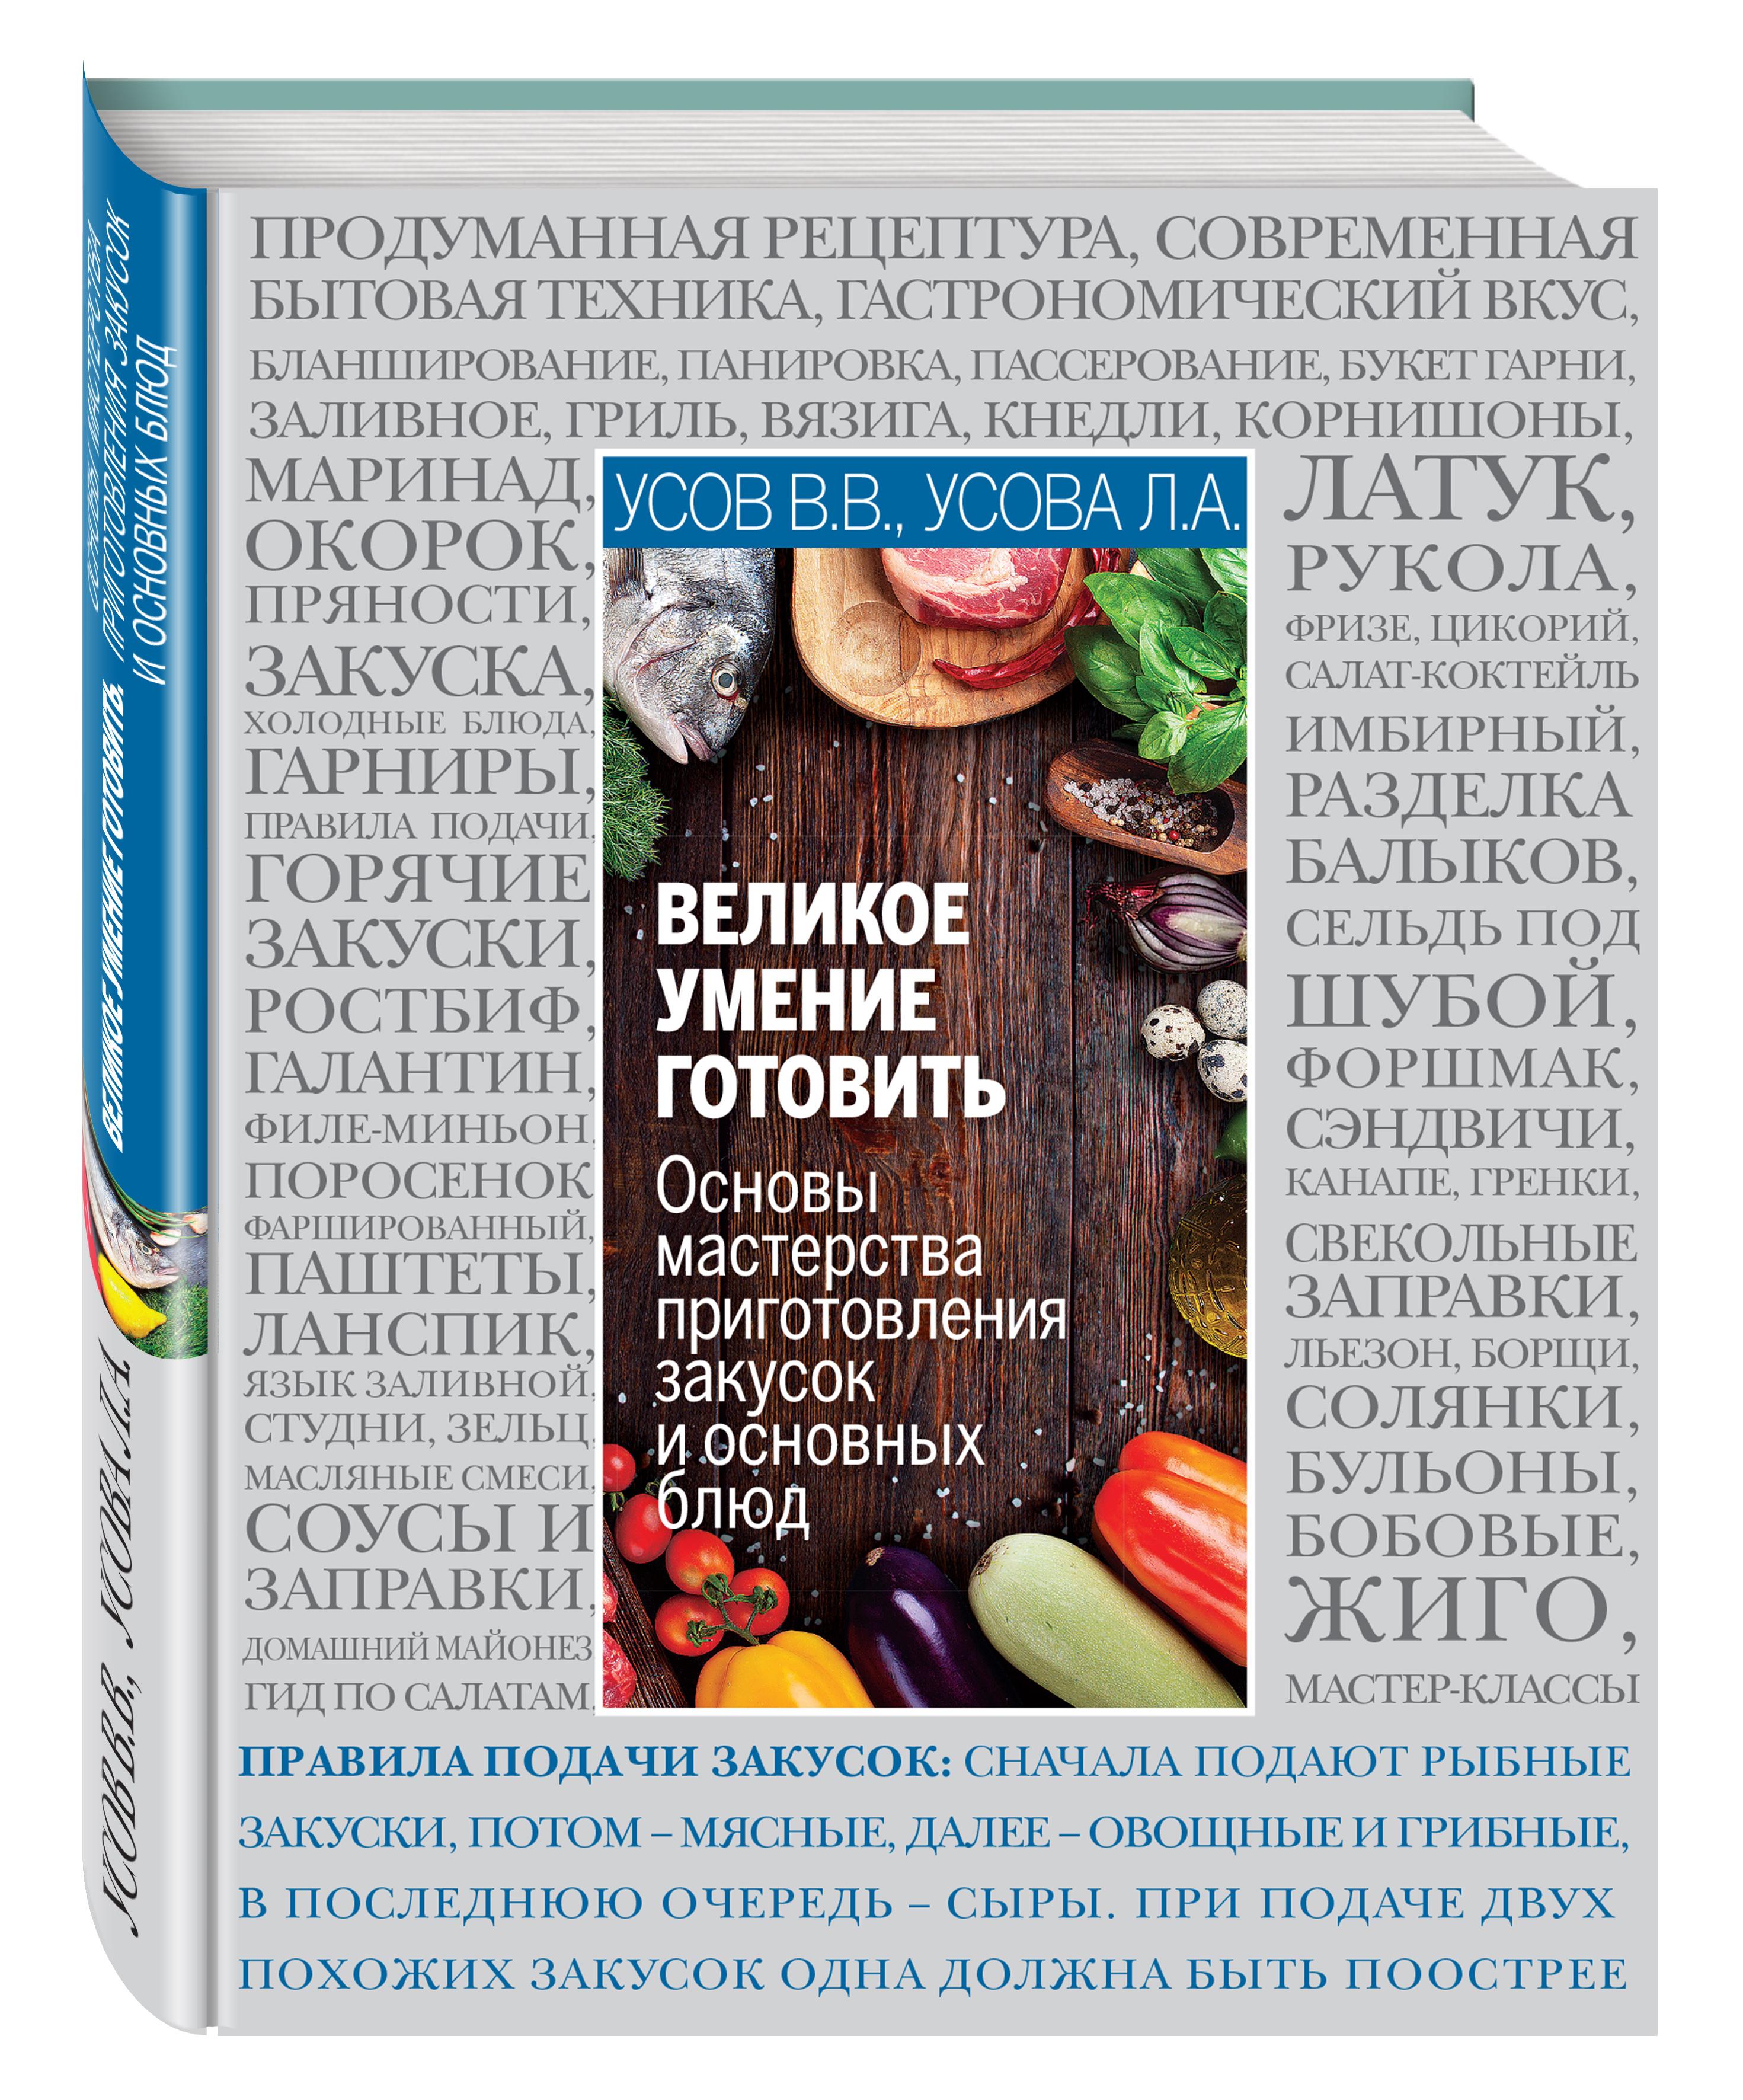 Основы кулинарного мастерства. Искусство приготовления закусок и основных блюд